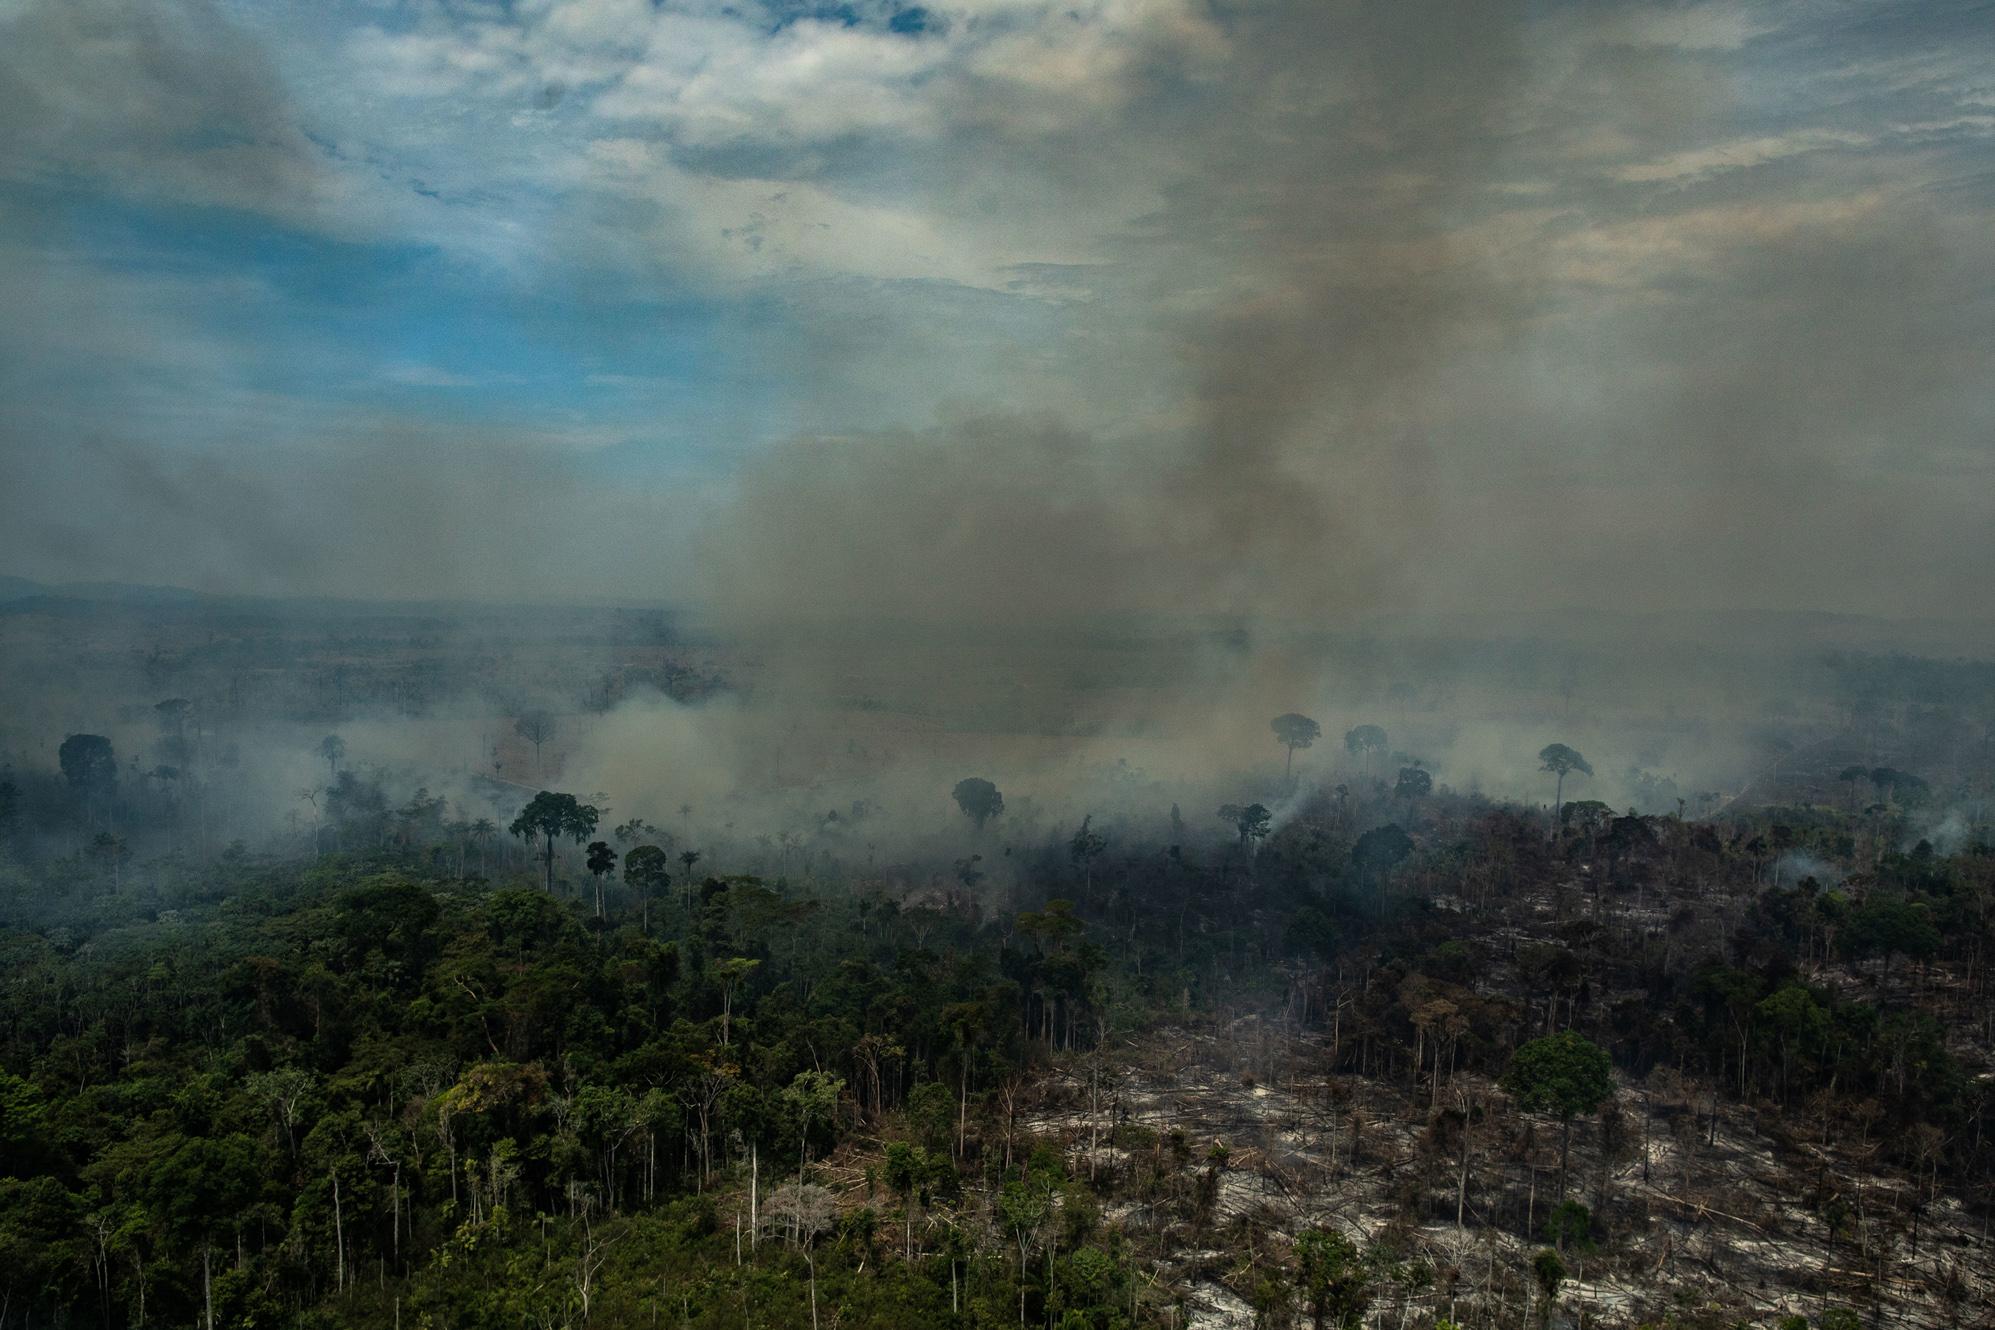 """Amazônia em Chamas: jornalista que denunciou """"dia do fogo"""" é atacado em redes sociais em Novo Progresso (PA)"""